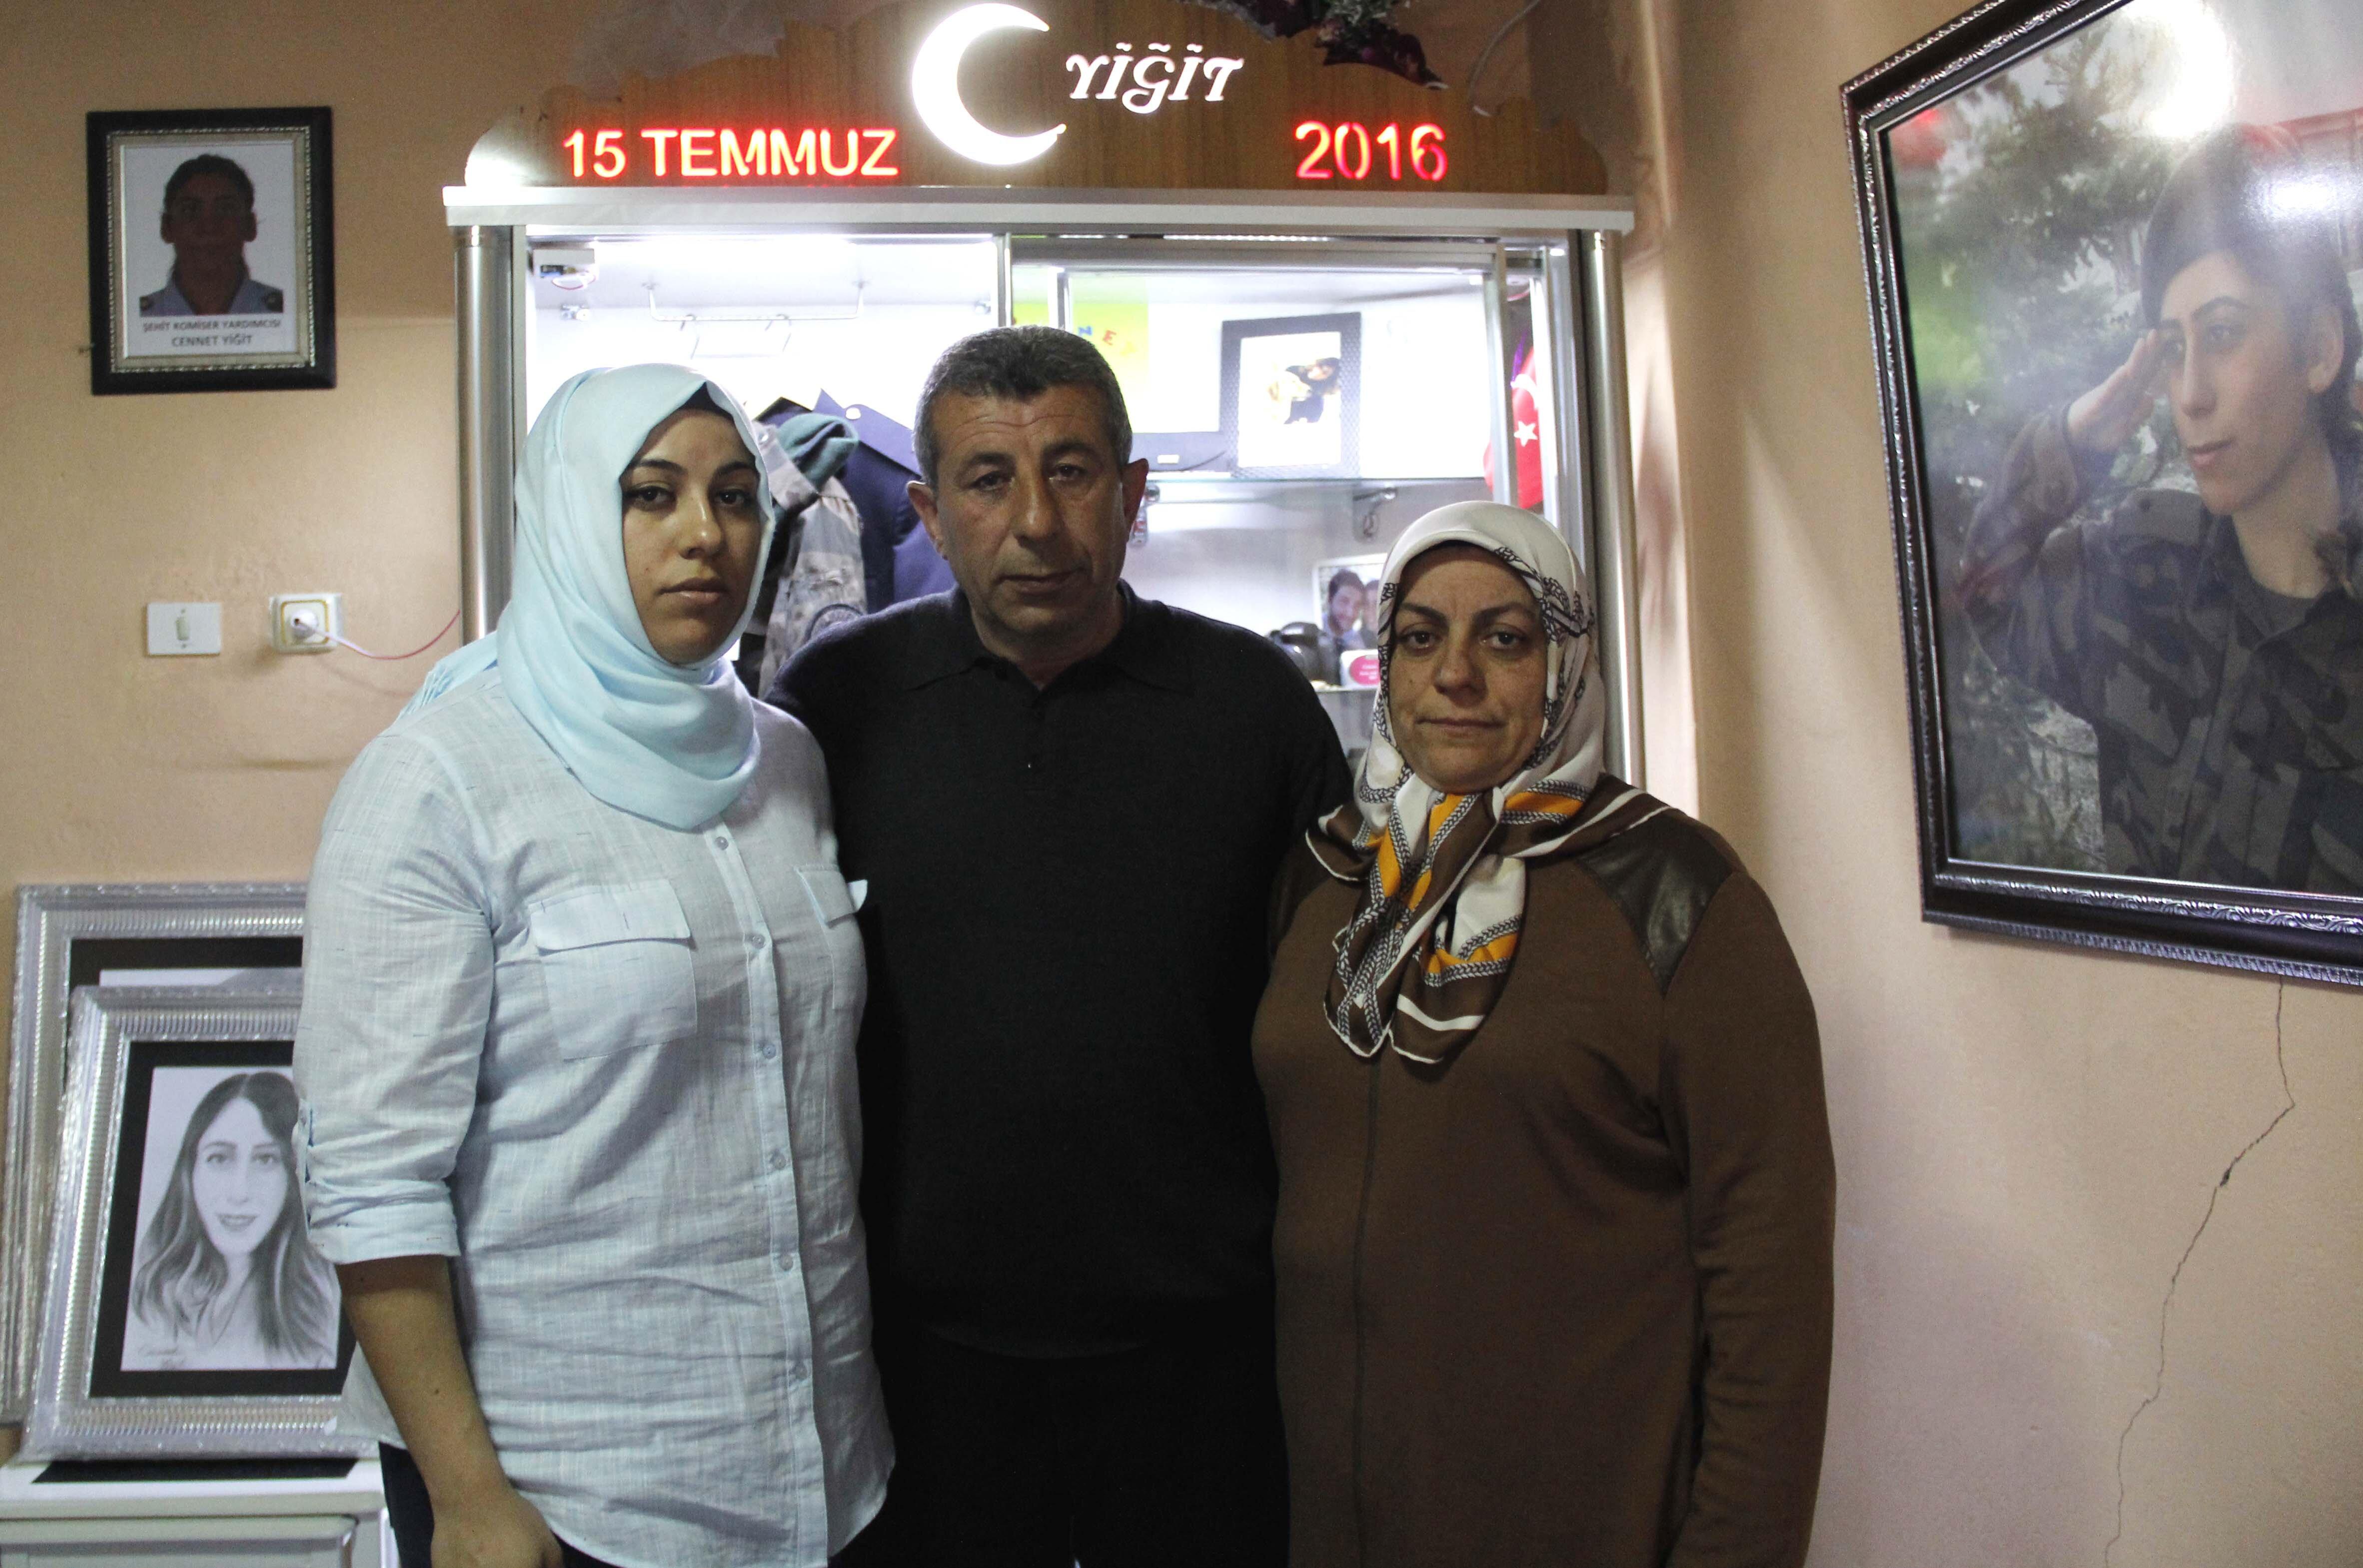 Kızıyla en son 15 Temmuz öncesi Ramazan Bayramı'nda Bünyan'da bir arada olan baba Yahya Kemal Yiğit, 15 Temmuz gecesi yaşadıklarını anlattı.